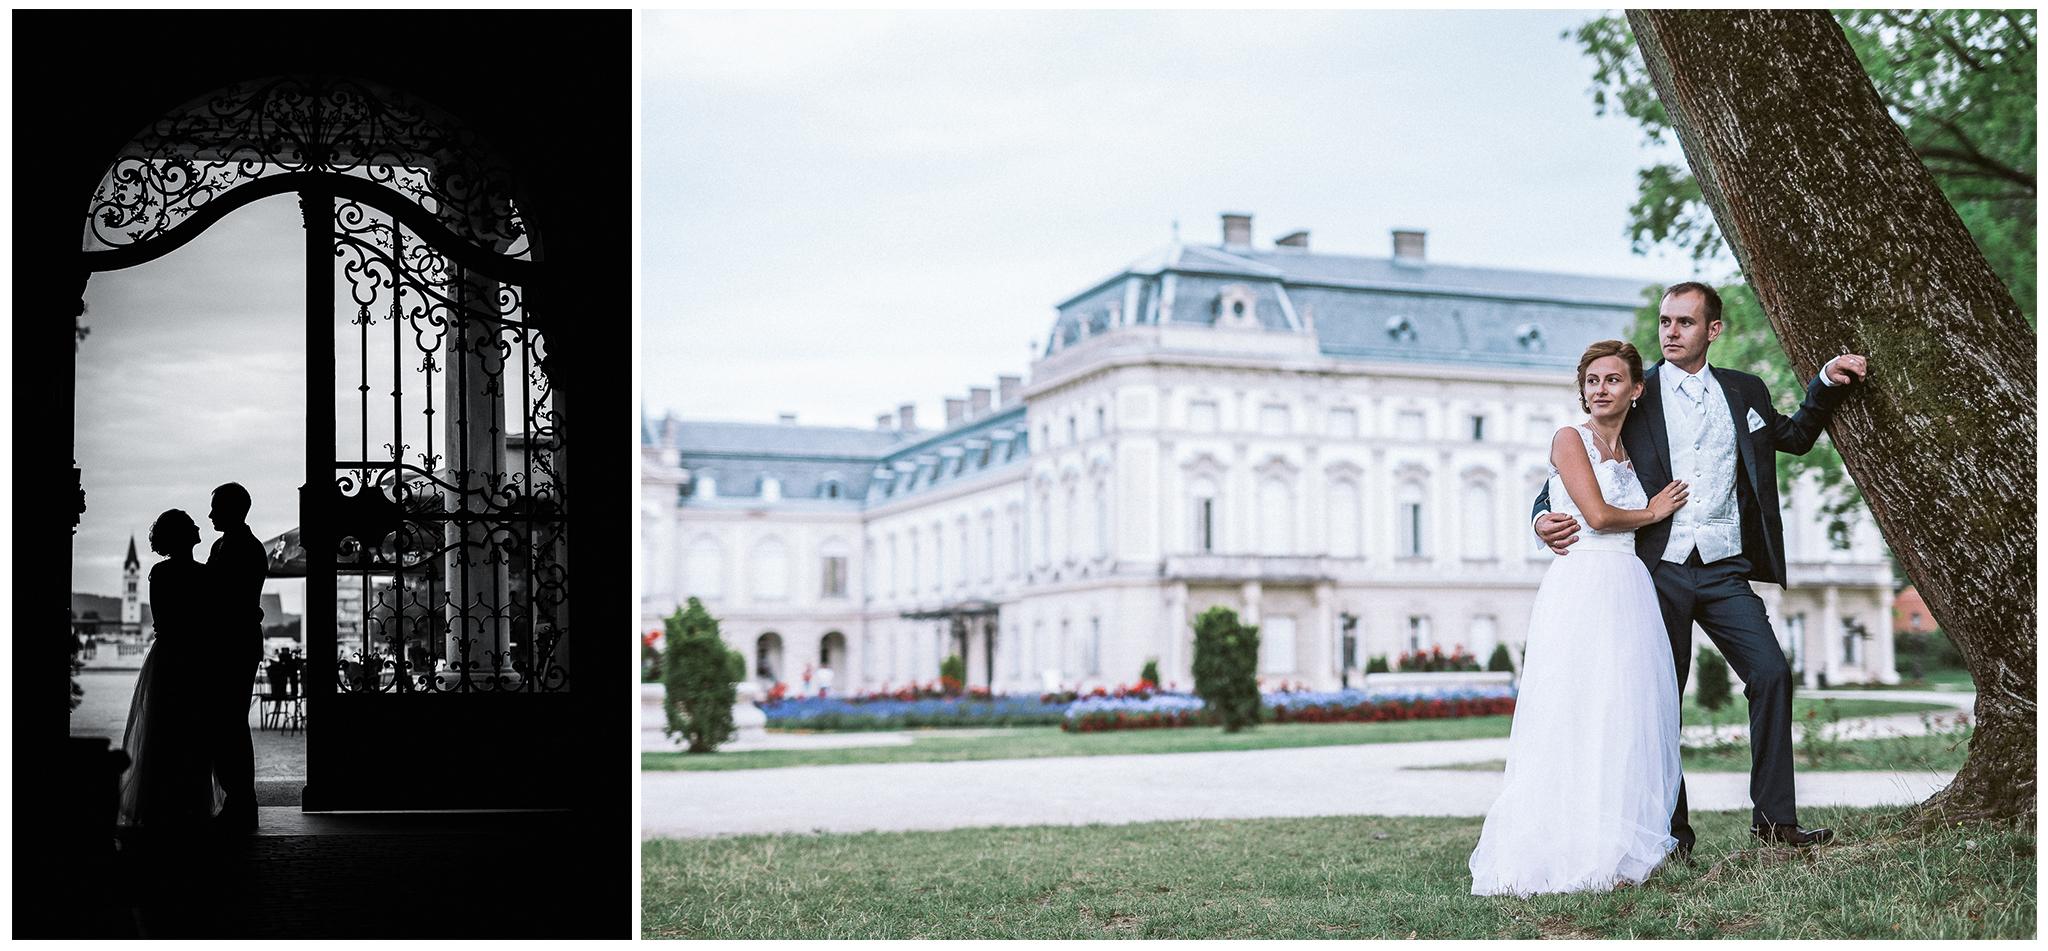 FylepPhoto, esküvőfotós, esküvői fotós Körmend, Szombathely, esküvőfotózás, magyarország, vas megye, prémium, jegyesfotózás, Fülöp Péter, körmend, kreatív, fotográfus_13.jpg